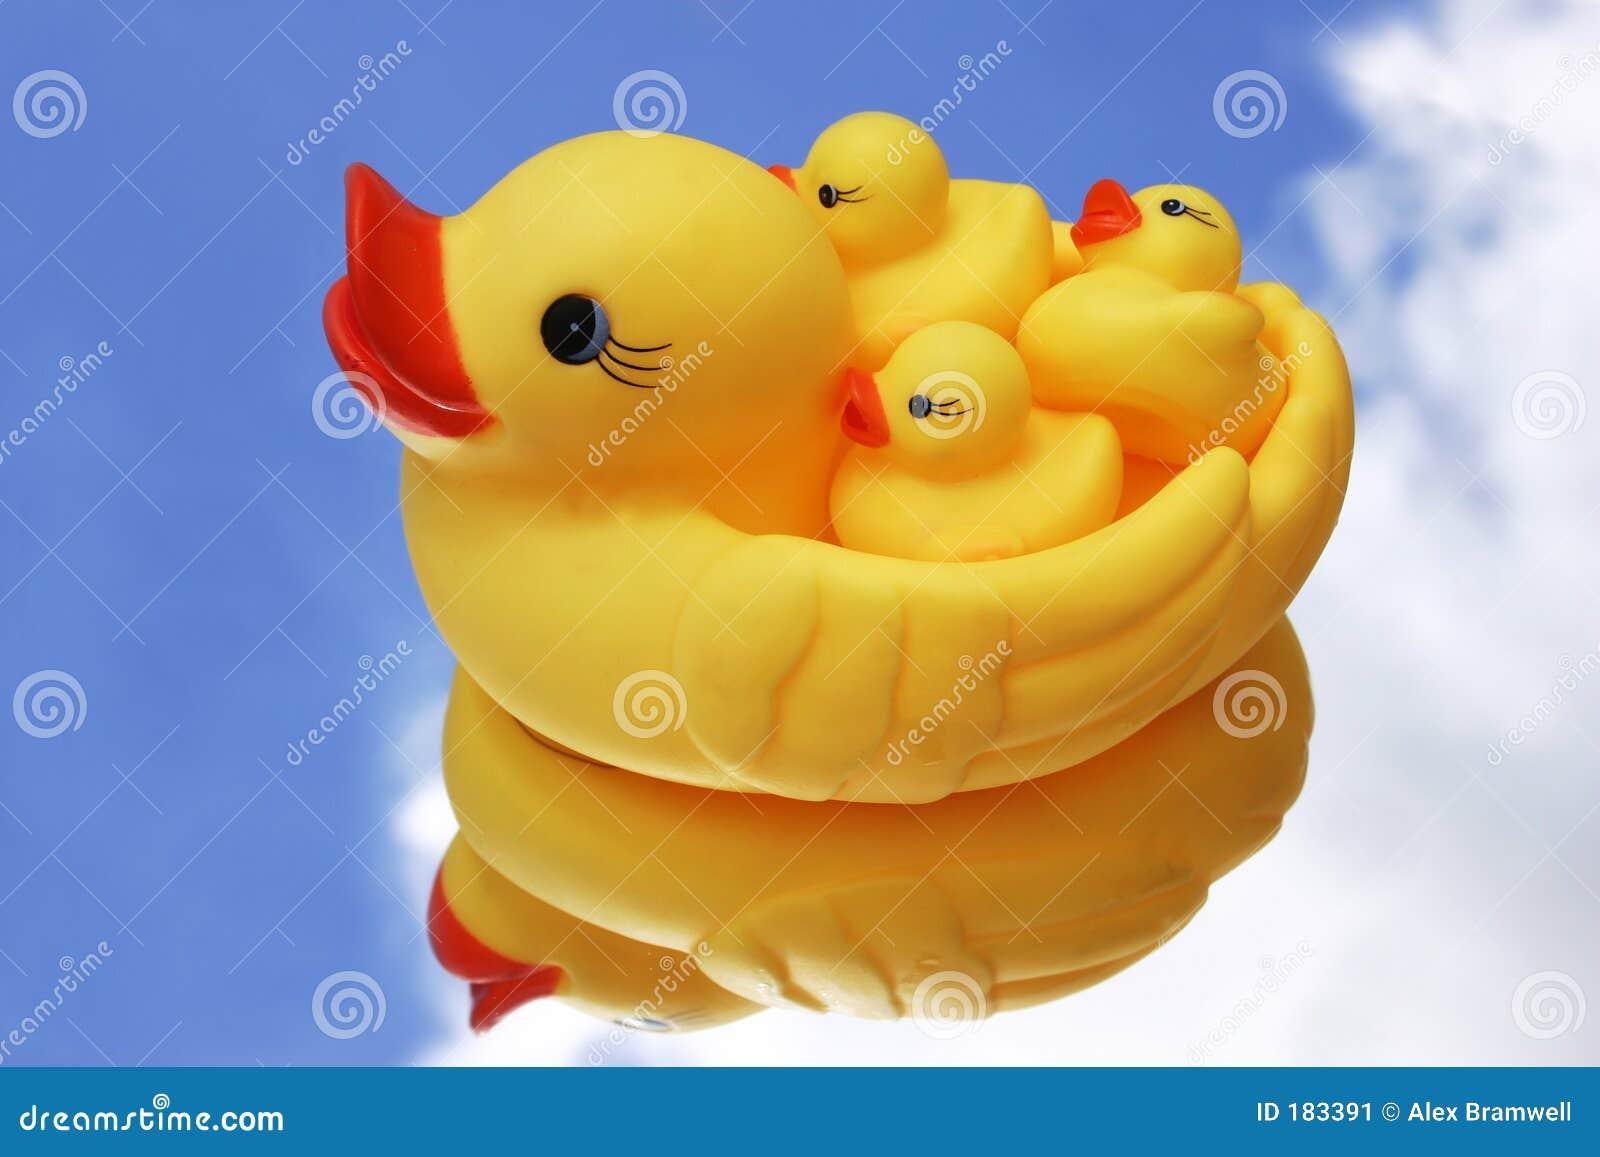 Duckies wubber